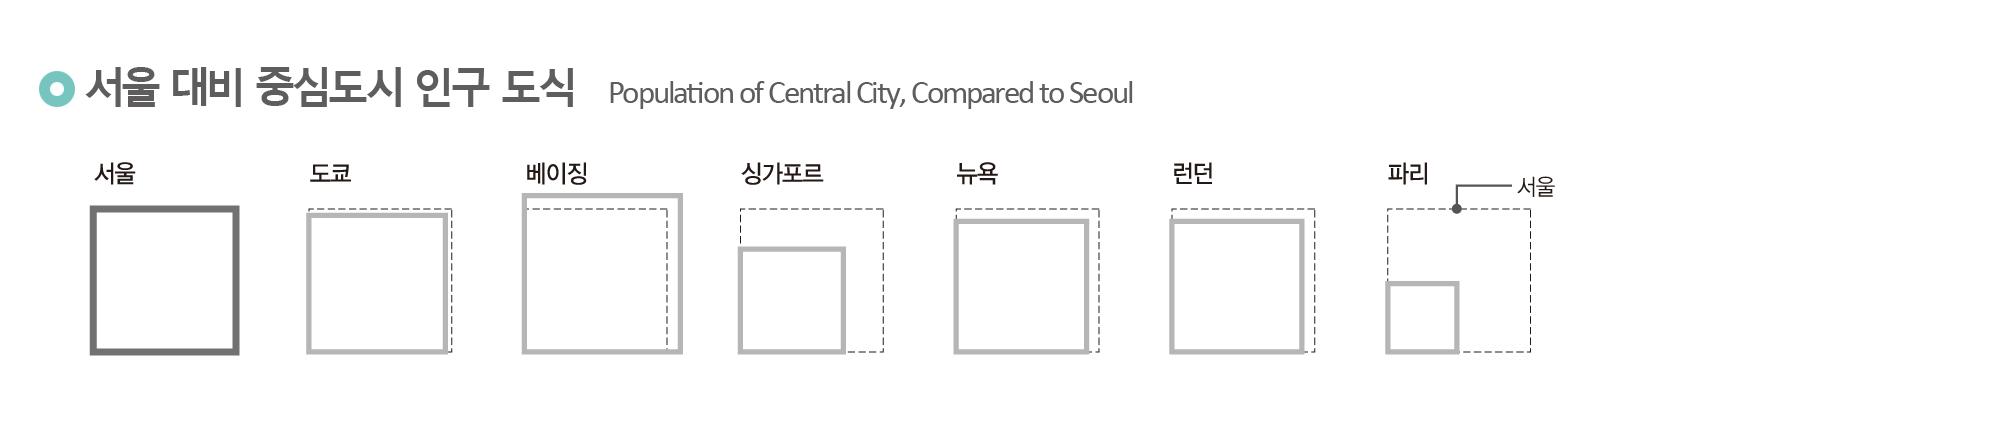 서울 대비 중심도시 인구 도식